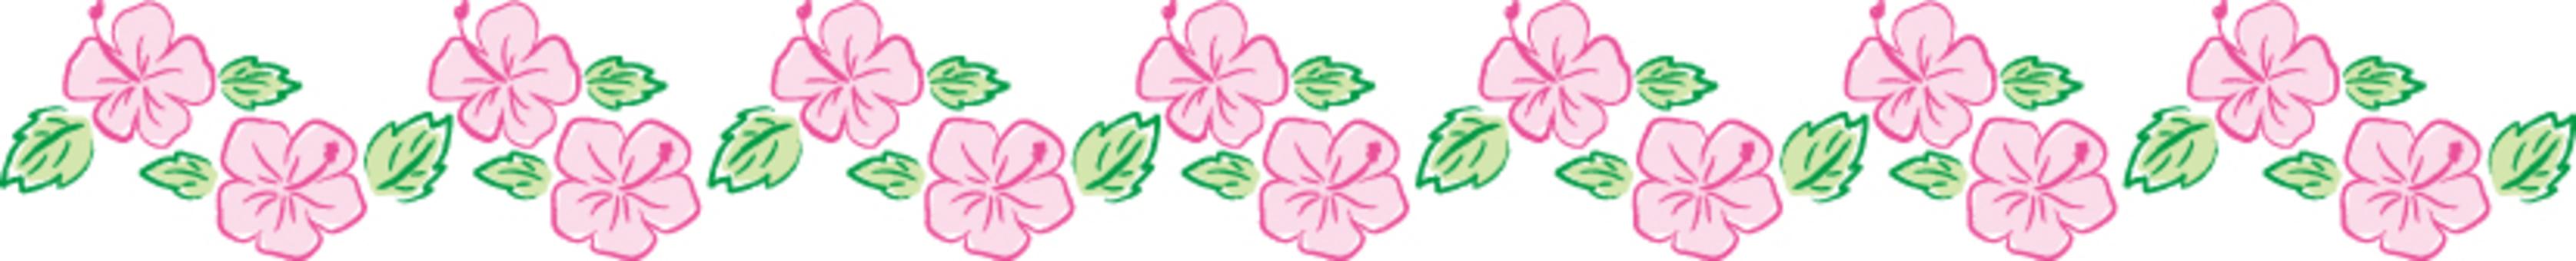 芙蓉06  - 線 - 粉紅色